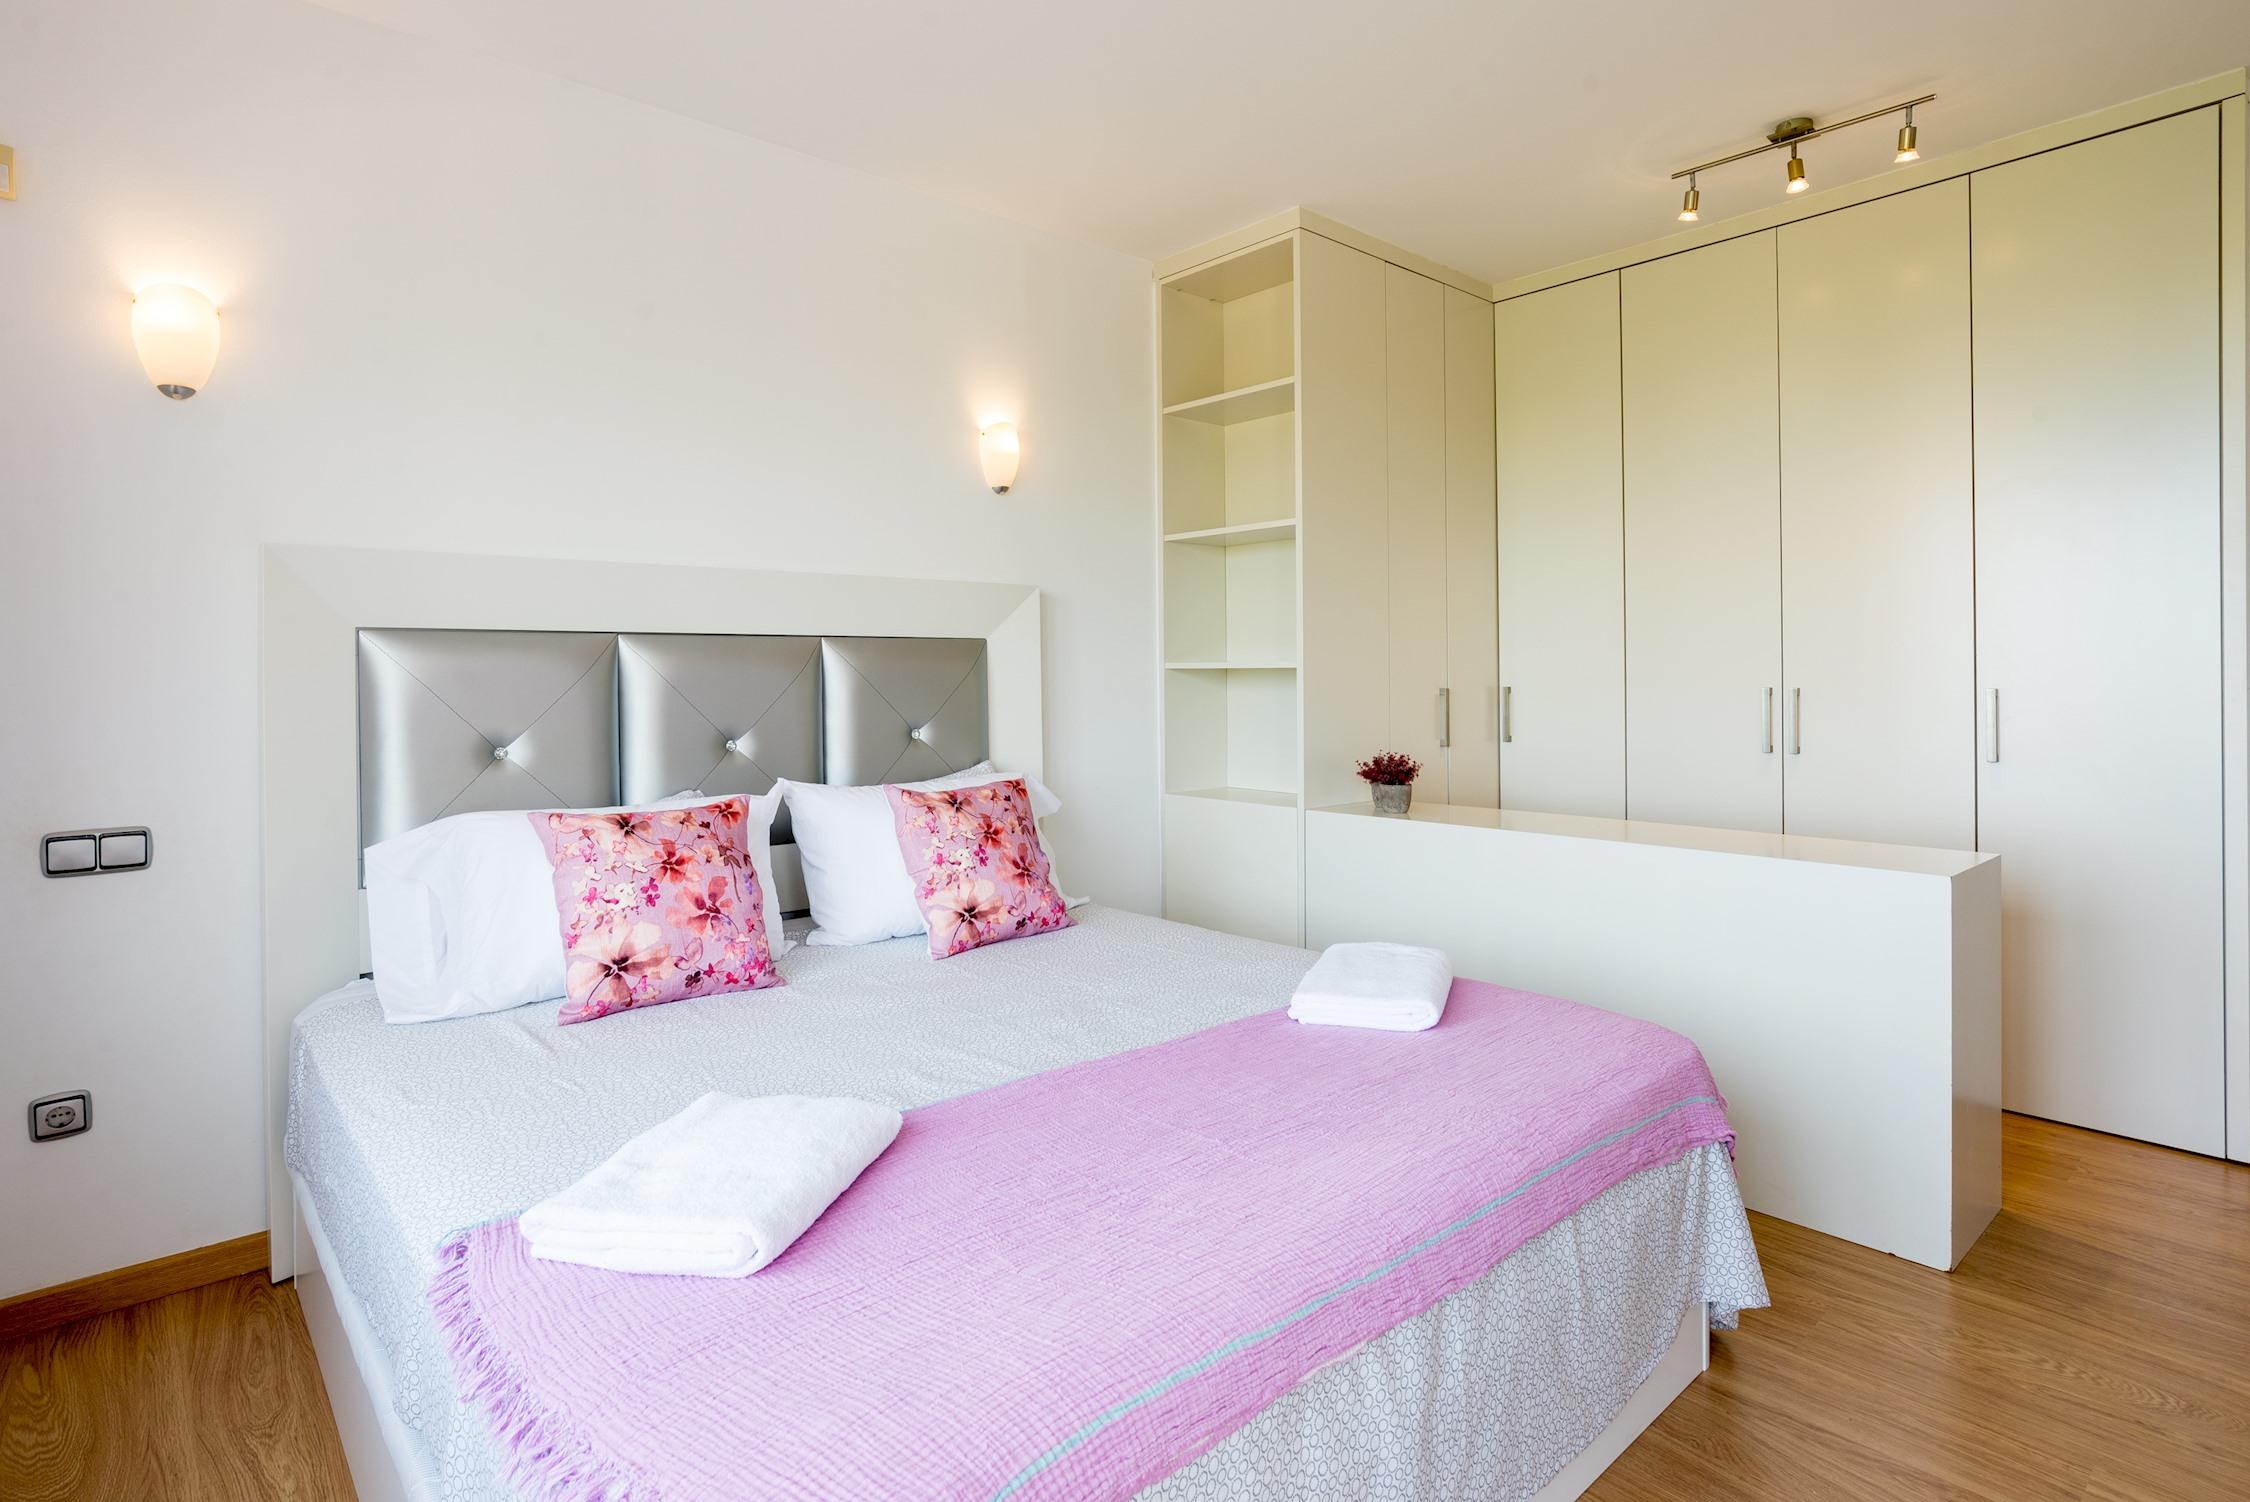 Apartment MalagaSuite Private Deluxe Villa photo 20098662